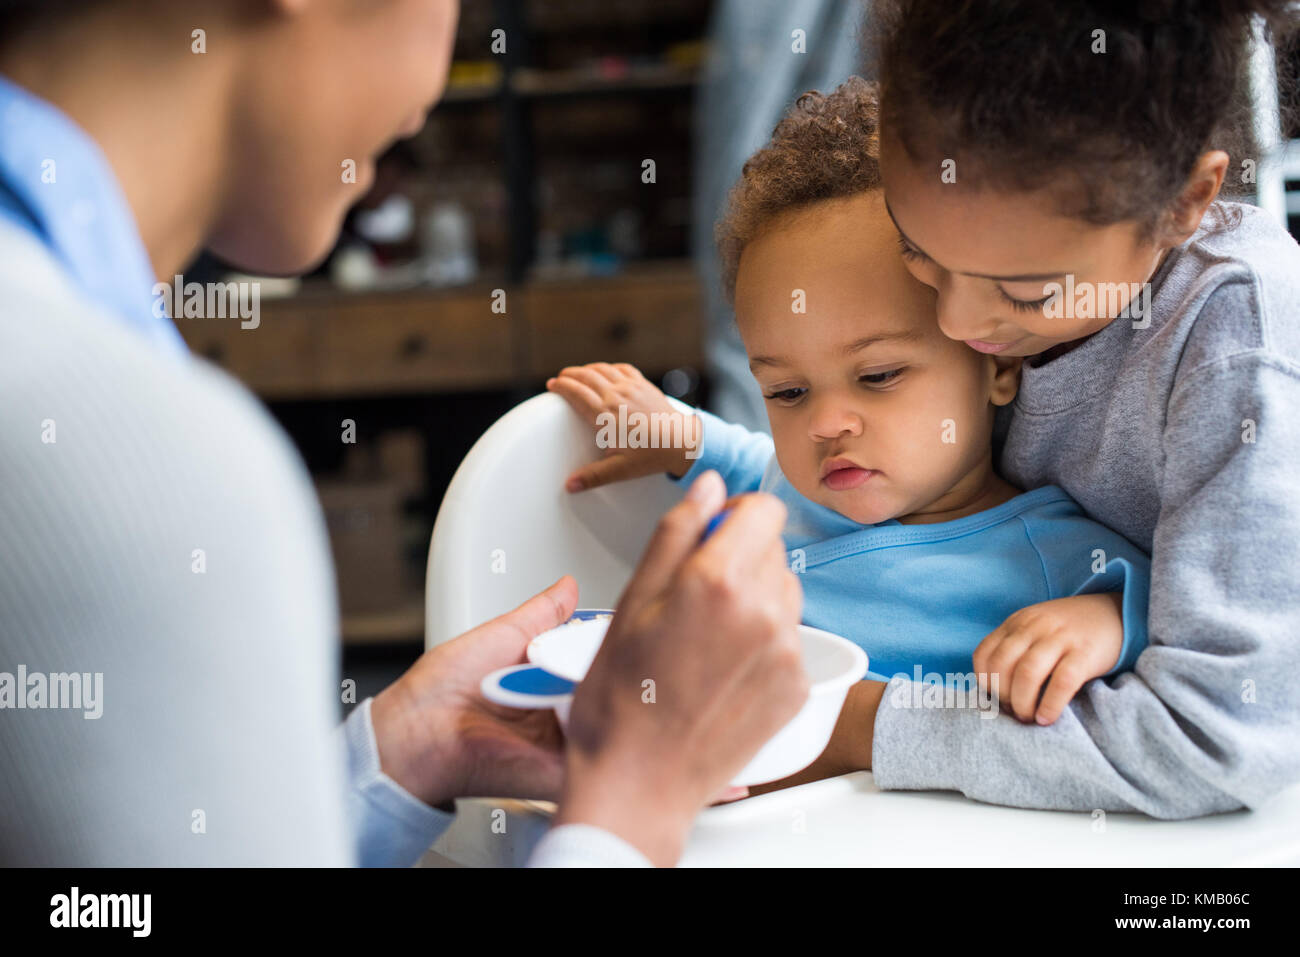 Familie feeding Baby Stockbild